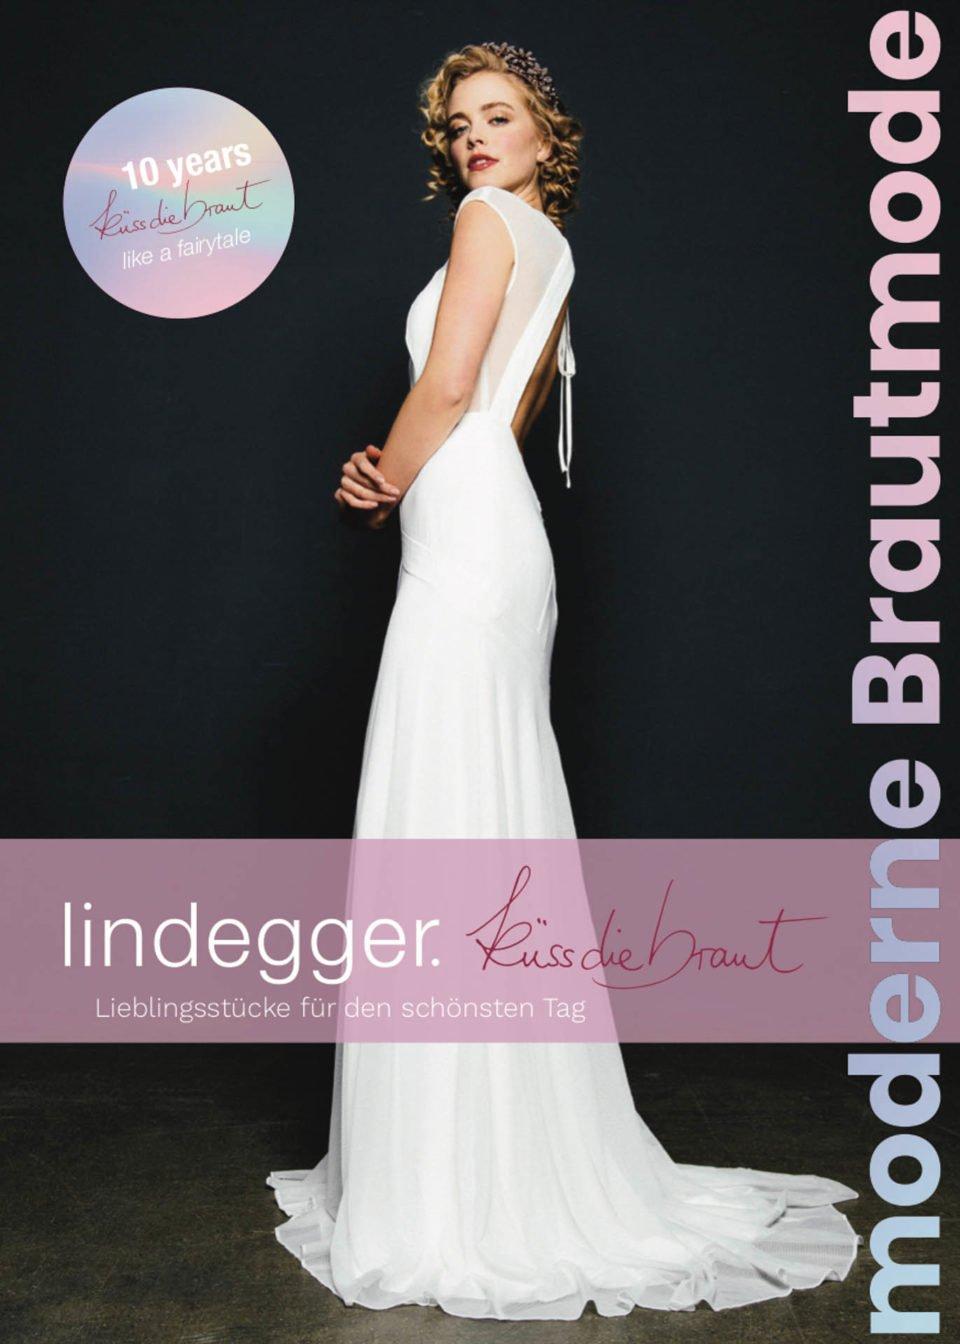 kuessdiebraut Brautmoden Katalog 2020